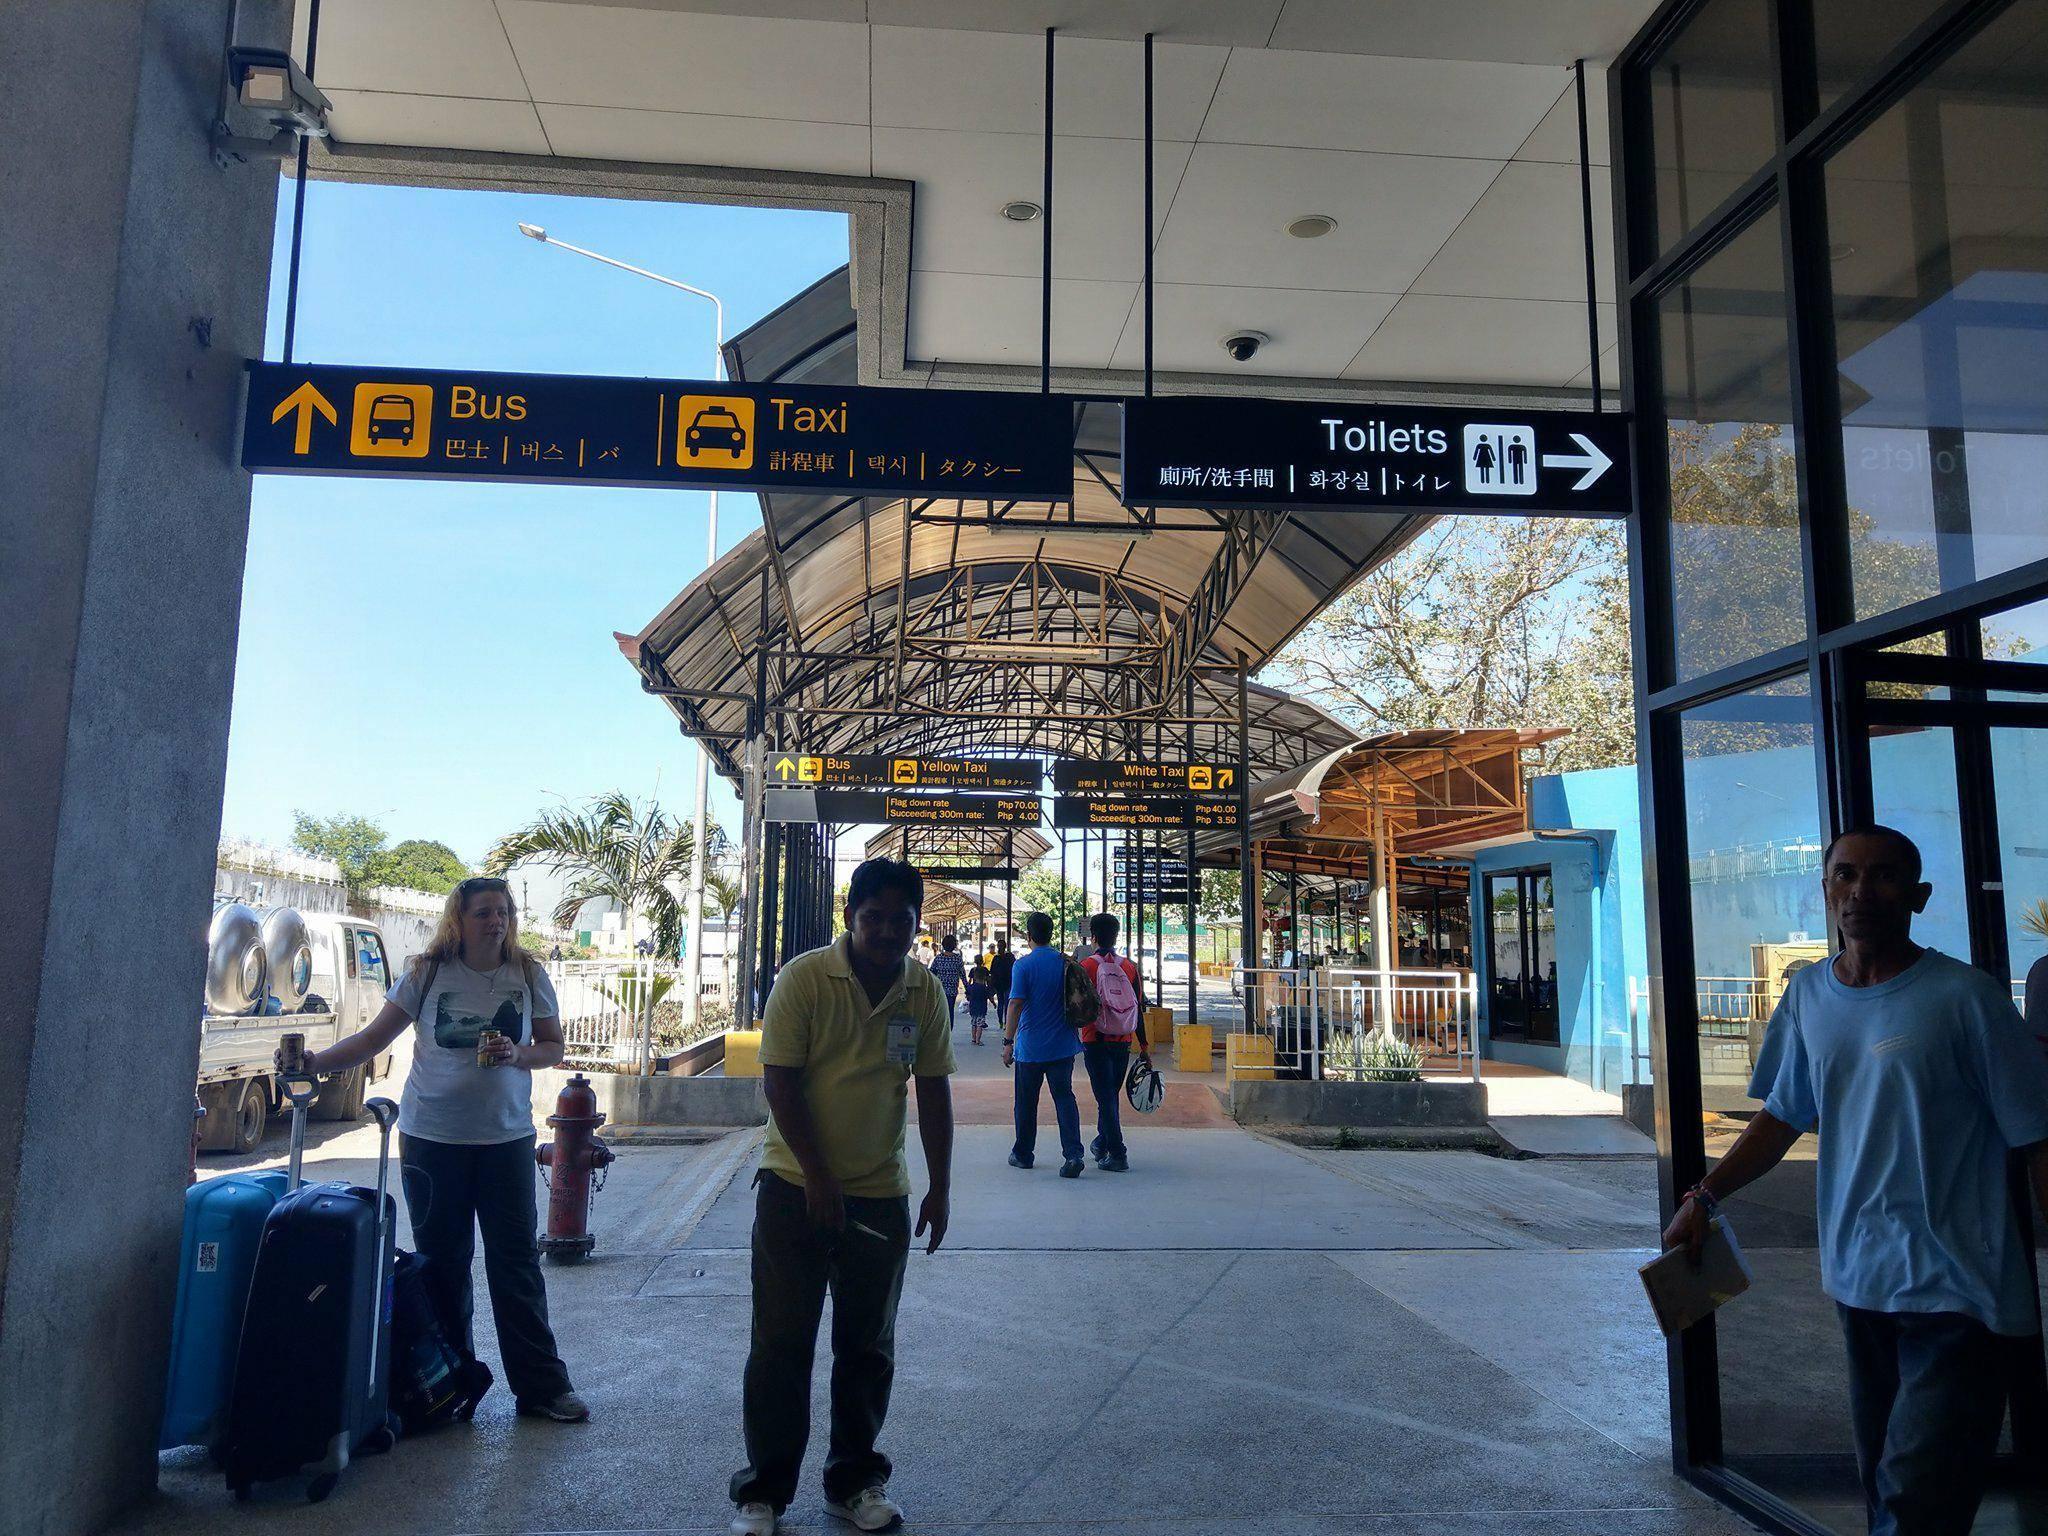 出境後會看到的巴士指示|圖片來源:Vanessa